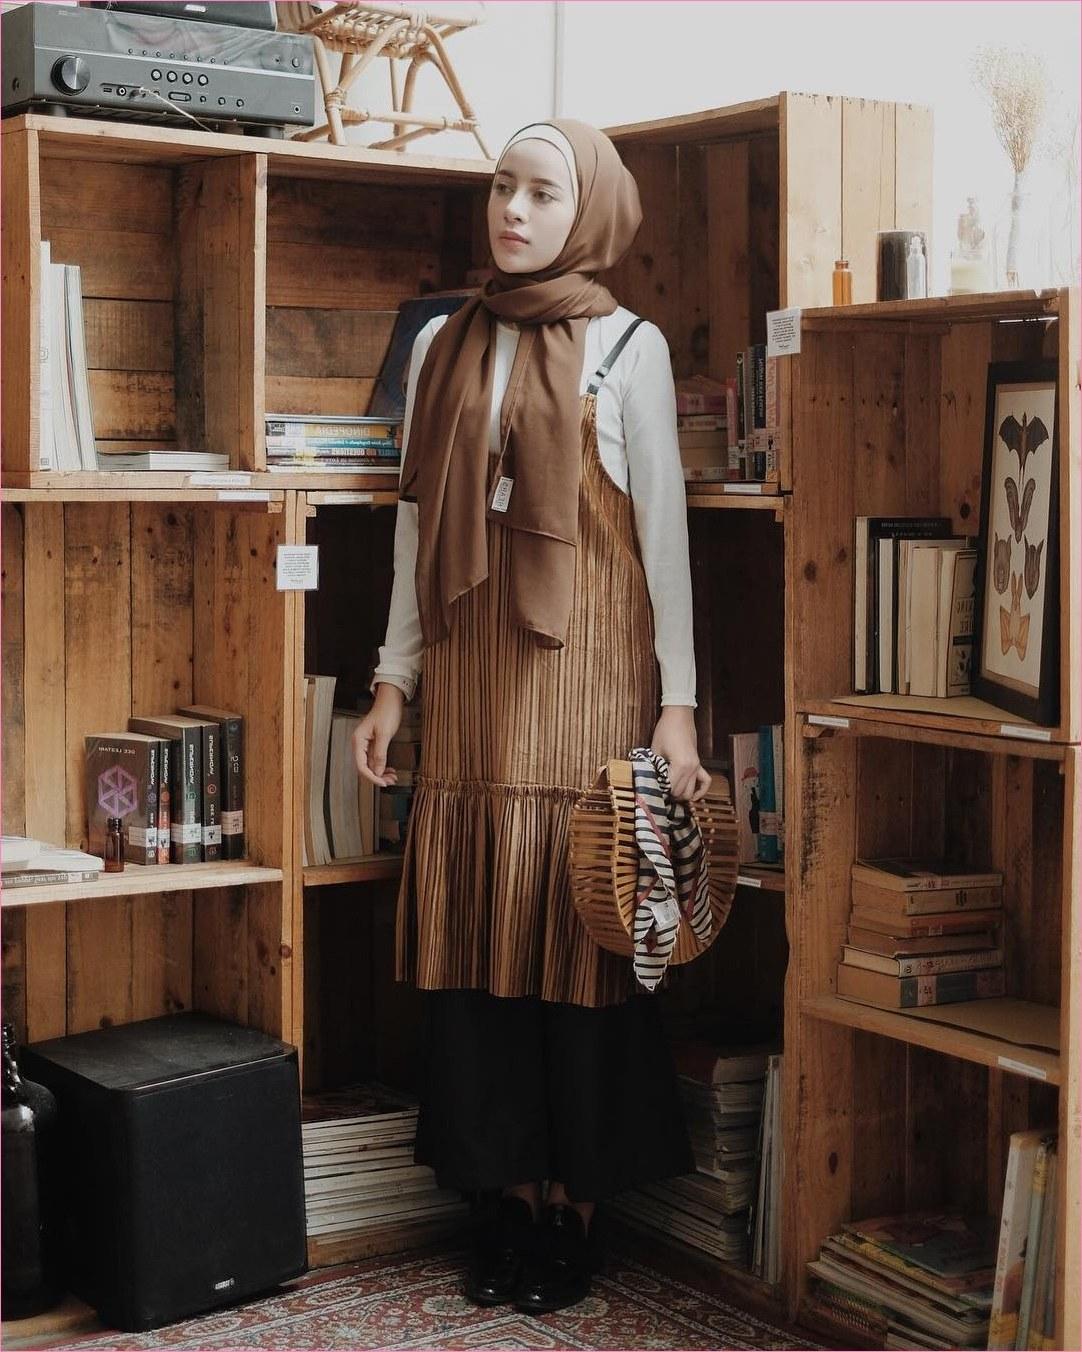 Model Referensi Baju Lebaran 2019 Tldn 80 Model Baju Lebaran Terbaru 2019 Muslimah Trendy Model